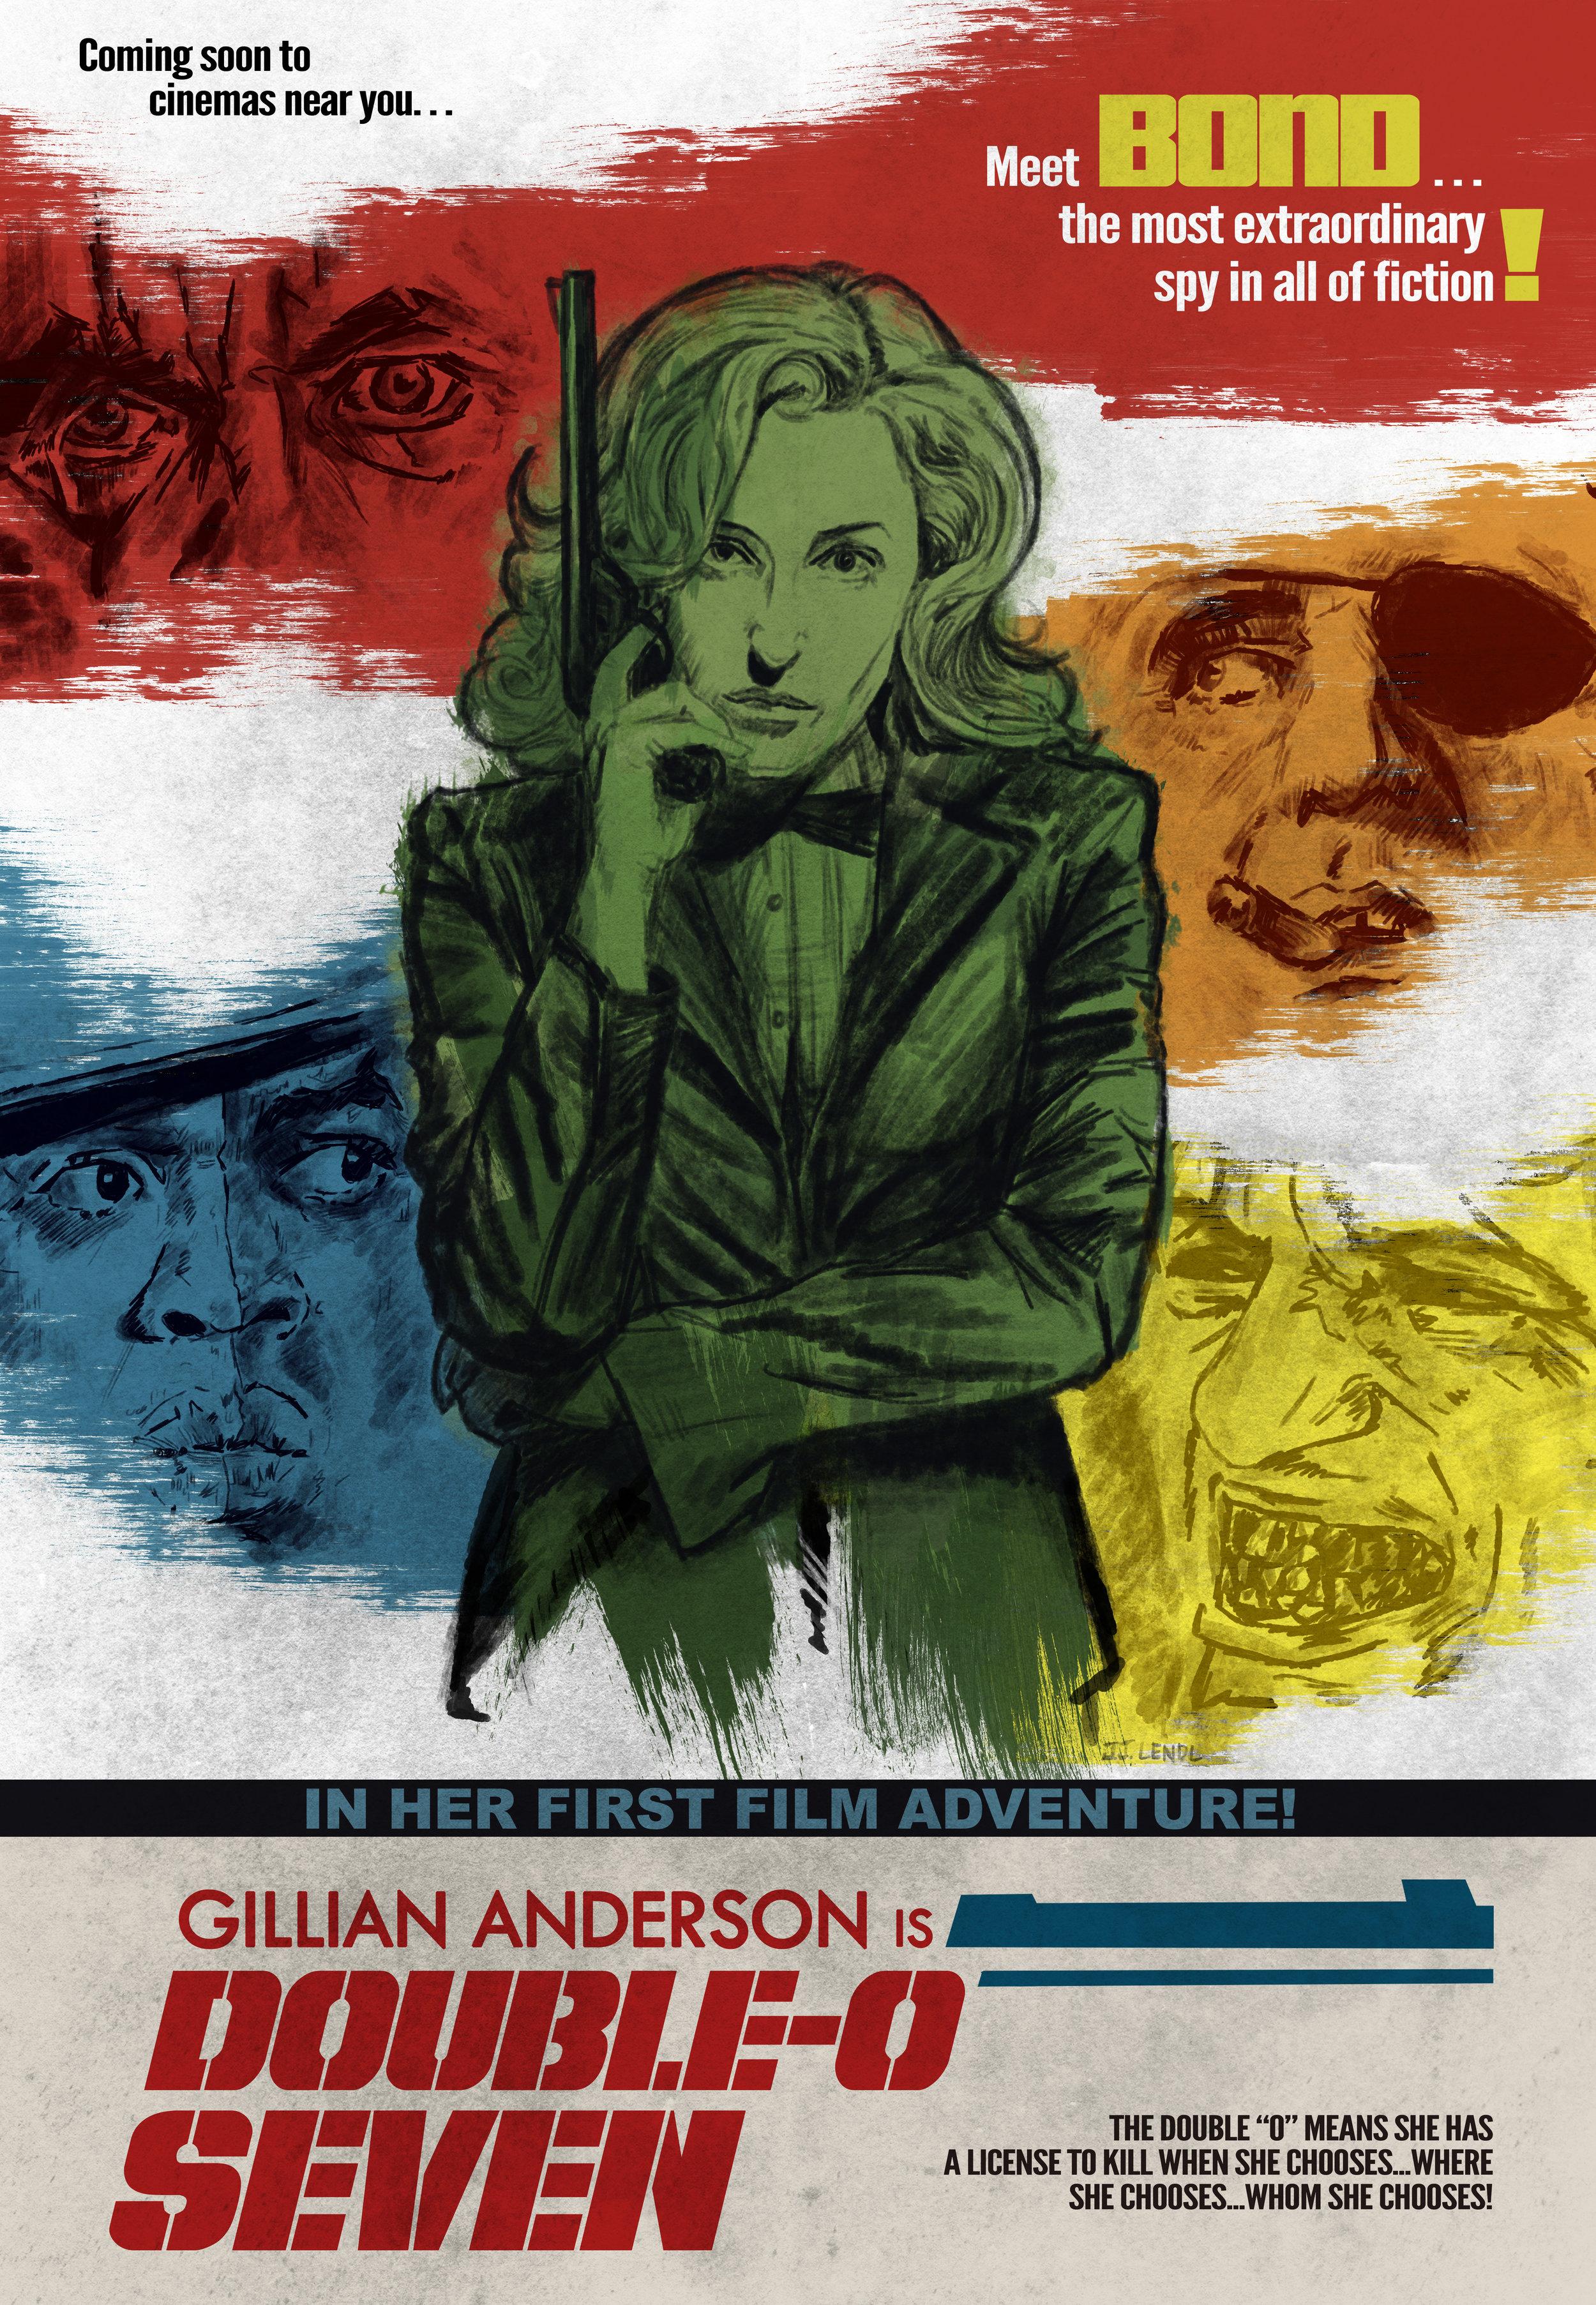 Gillian as 007